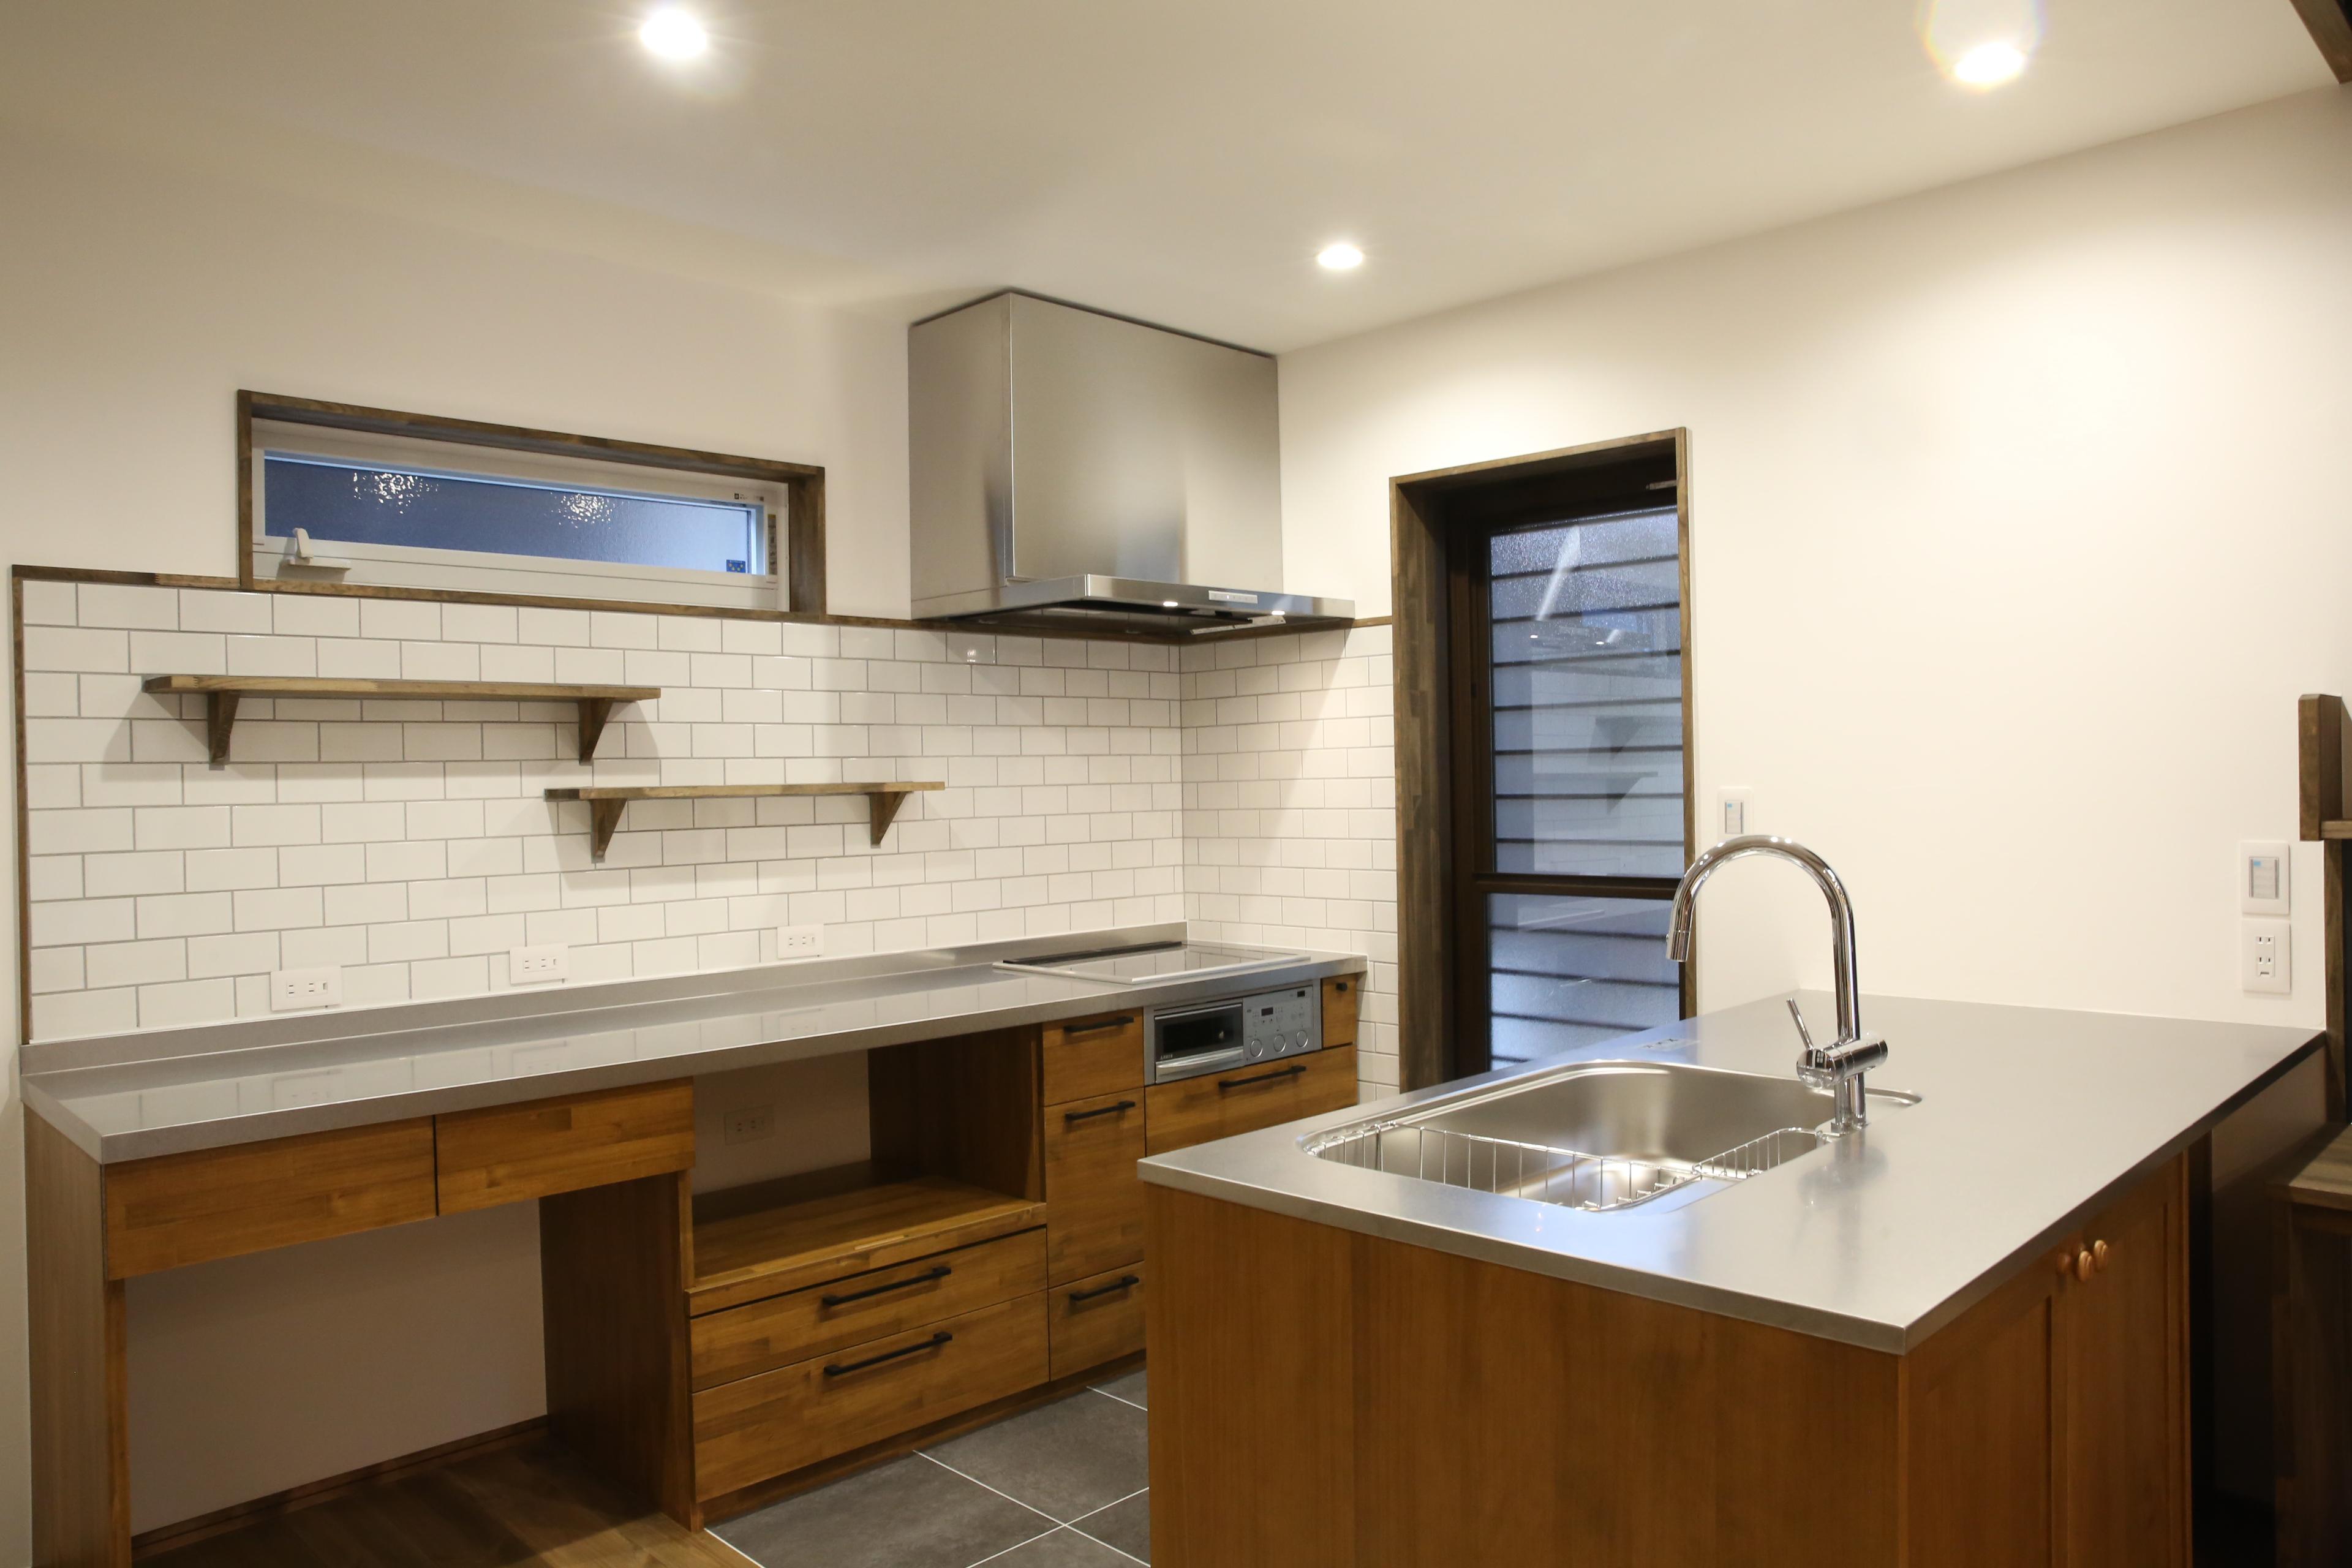 コンパクトでありながら広く使えて作業性のいいセパレート型キッチン